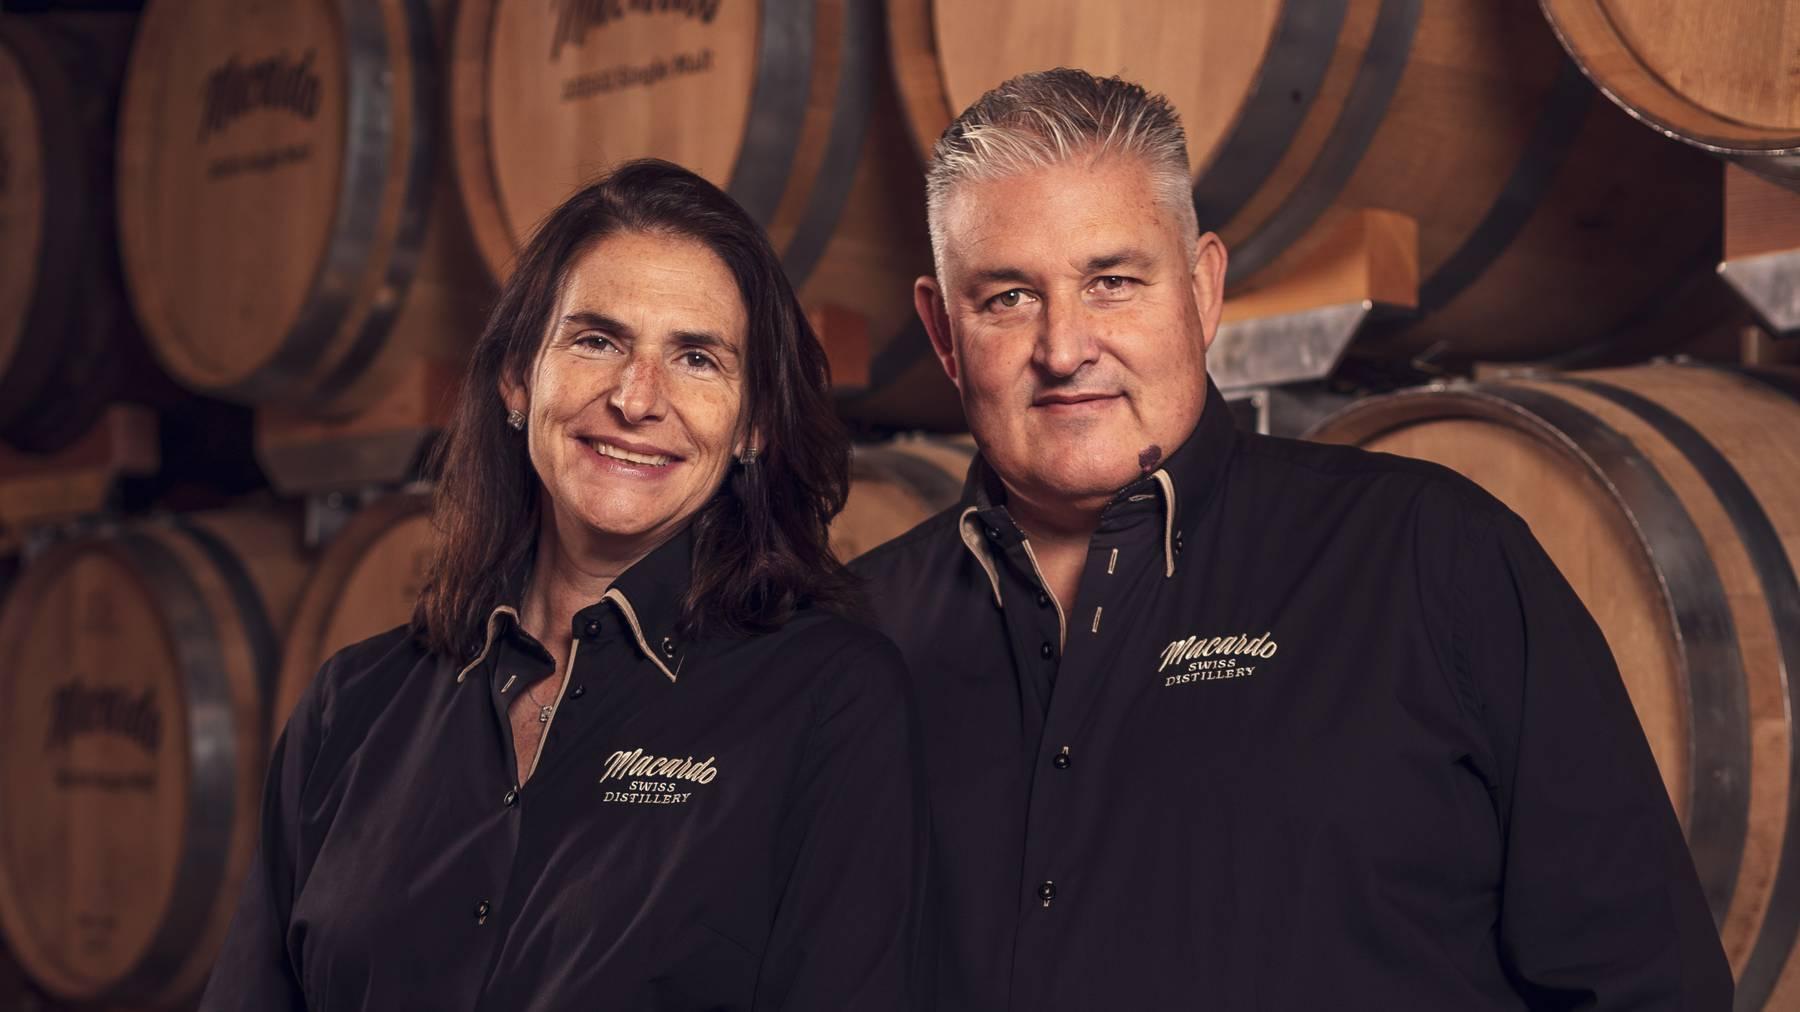 Das Inhaber-Paar Martina und Andy Bössow.